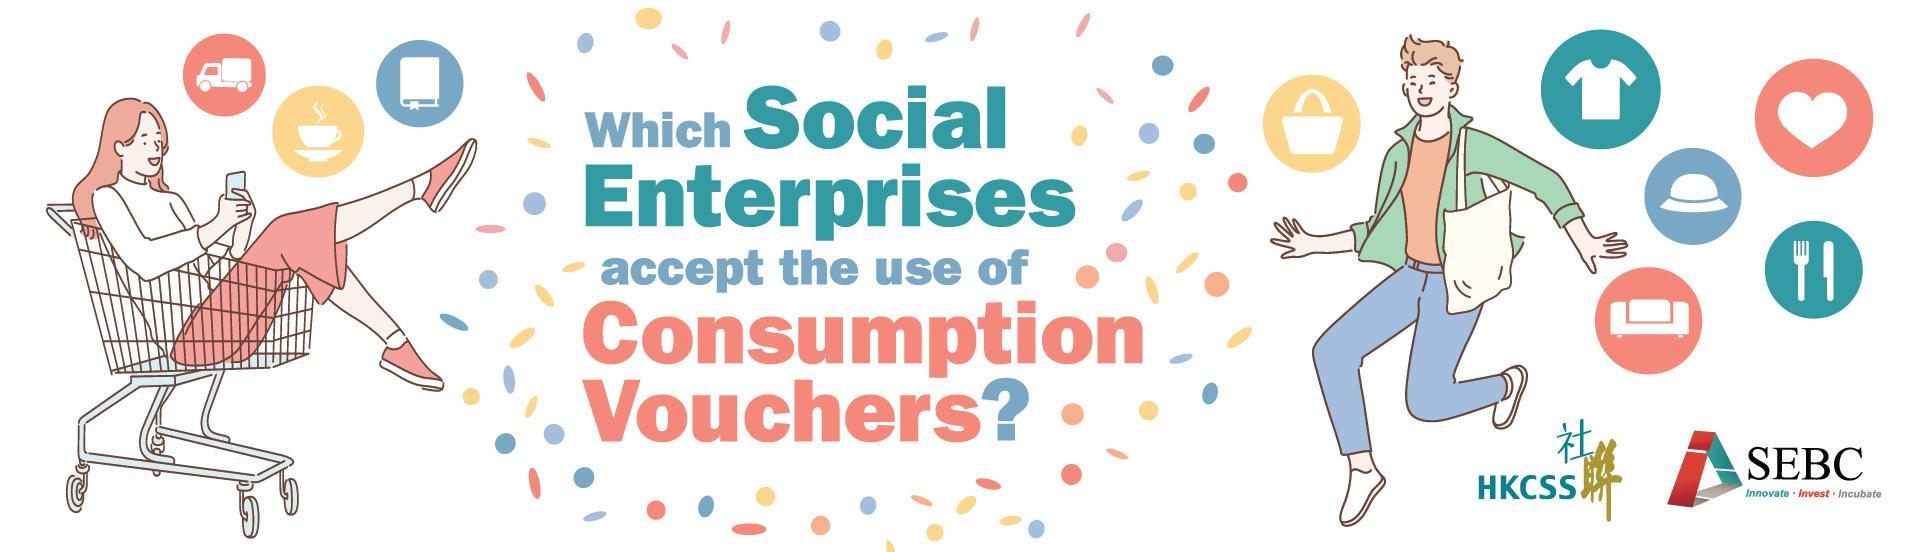 Which social enterprises accept the use of 'Consumption Vouchers'?